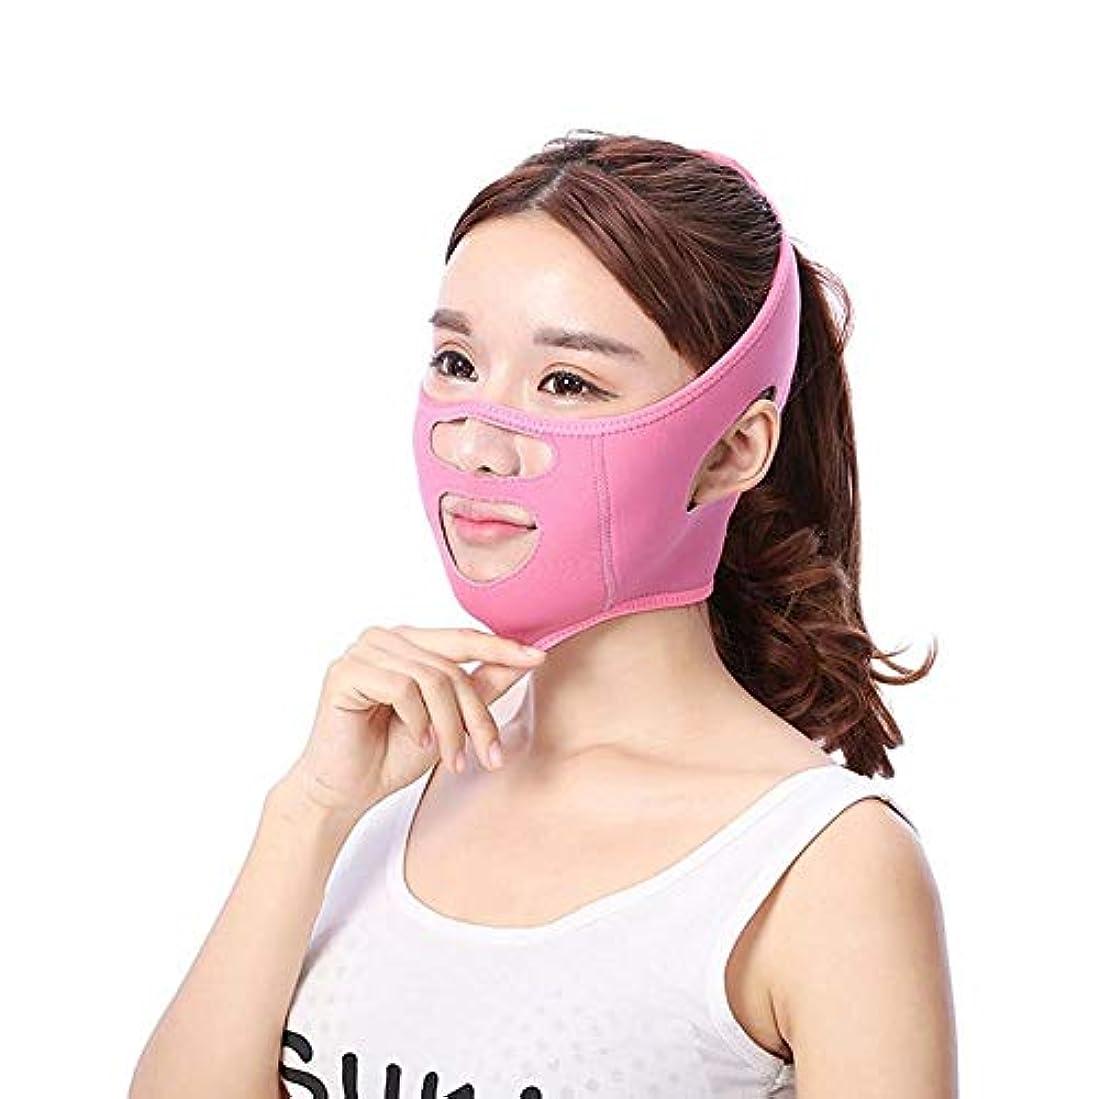 初期死傷者愛情深いJia Jia- シンフェイスアーティファクトリフティング引き締めフェイス睡眠包帯フェイシャルリフティングアンチ垂れ下がり法律パターンステッカー8ワード口角 - ピンク 顔面包帯